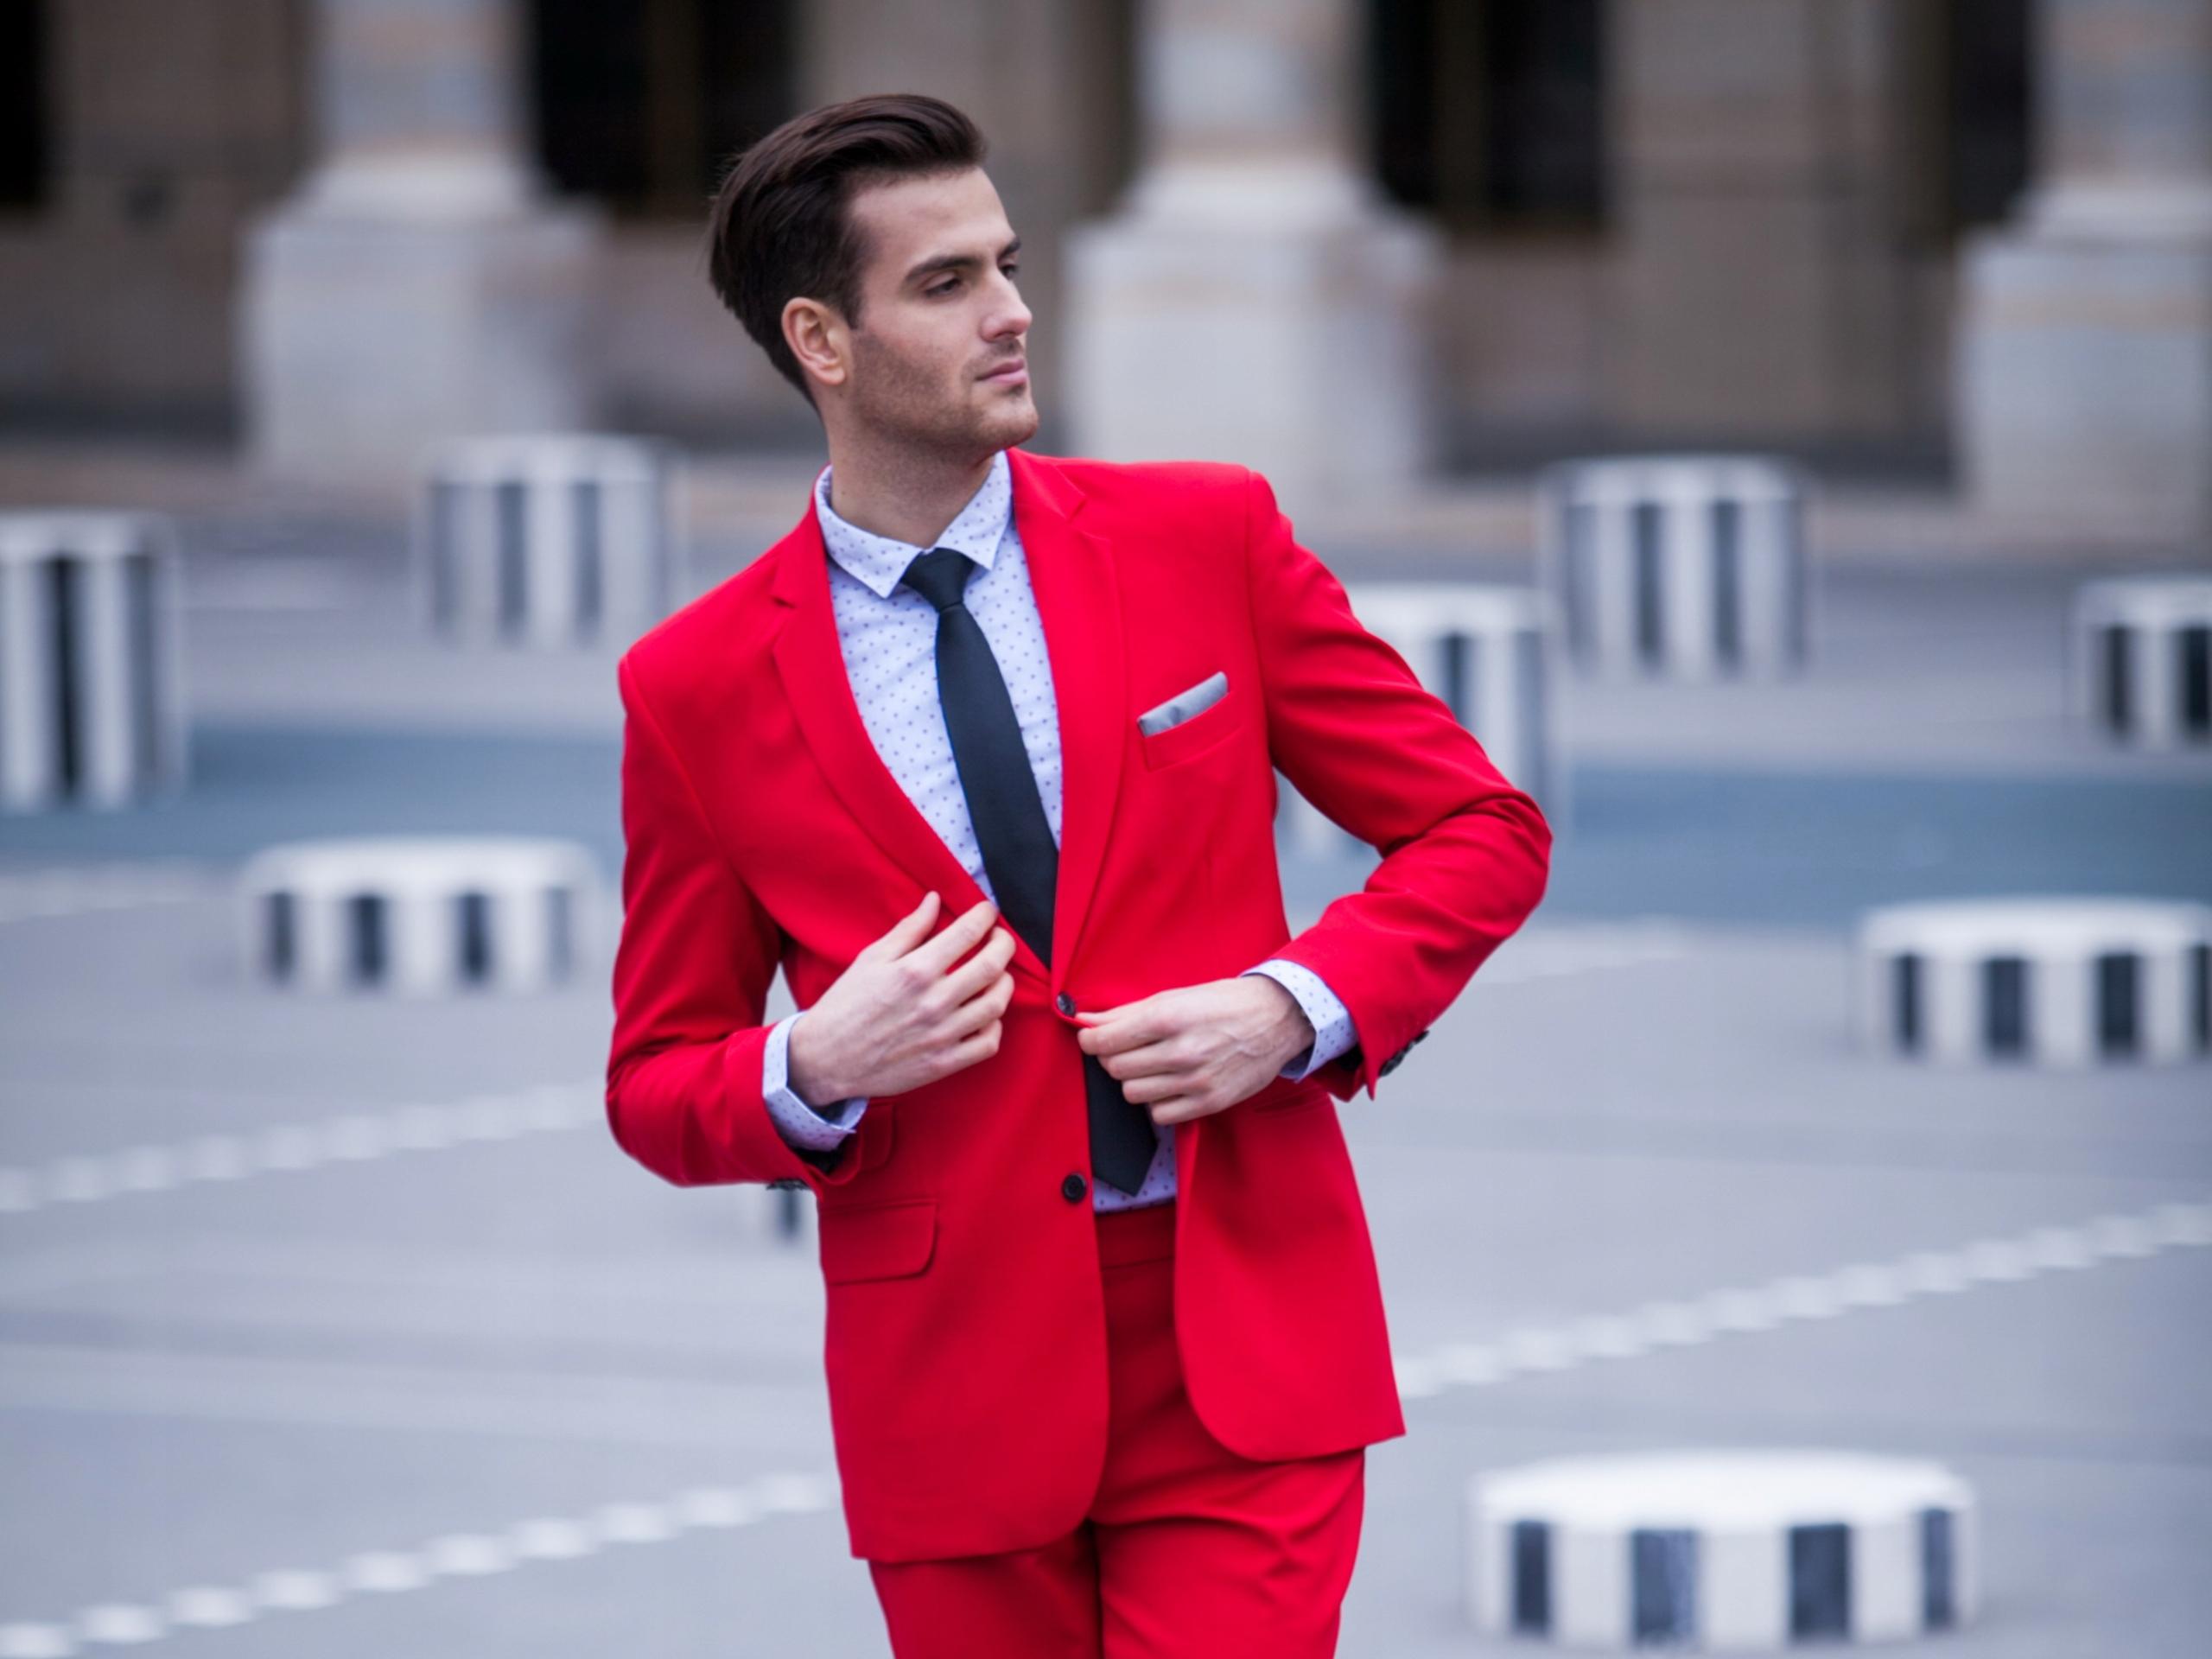 Красный костюм фото мужской